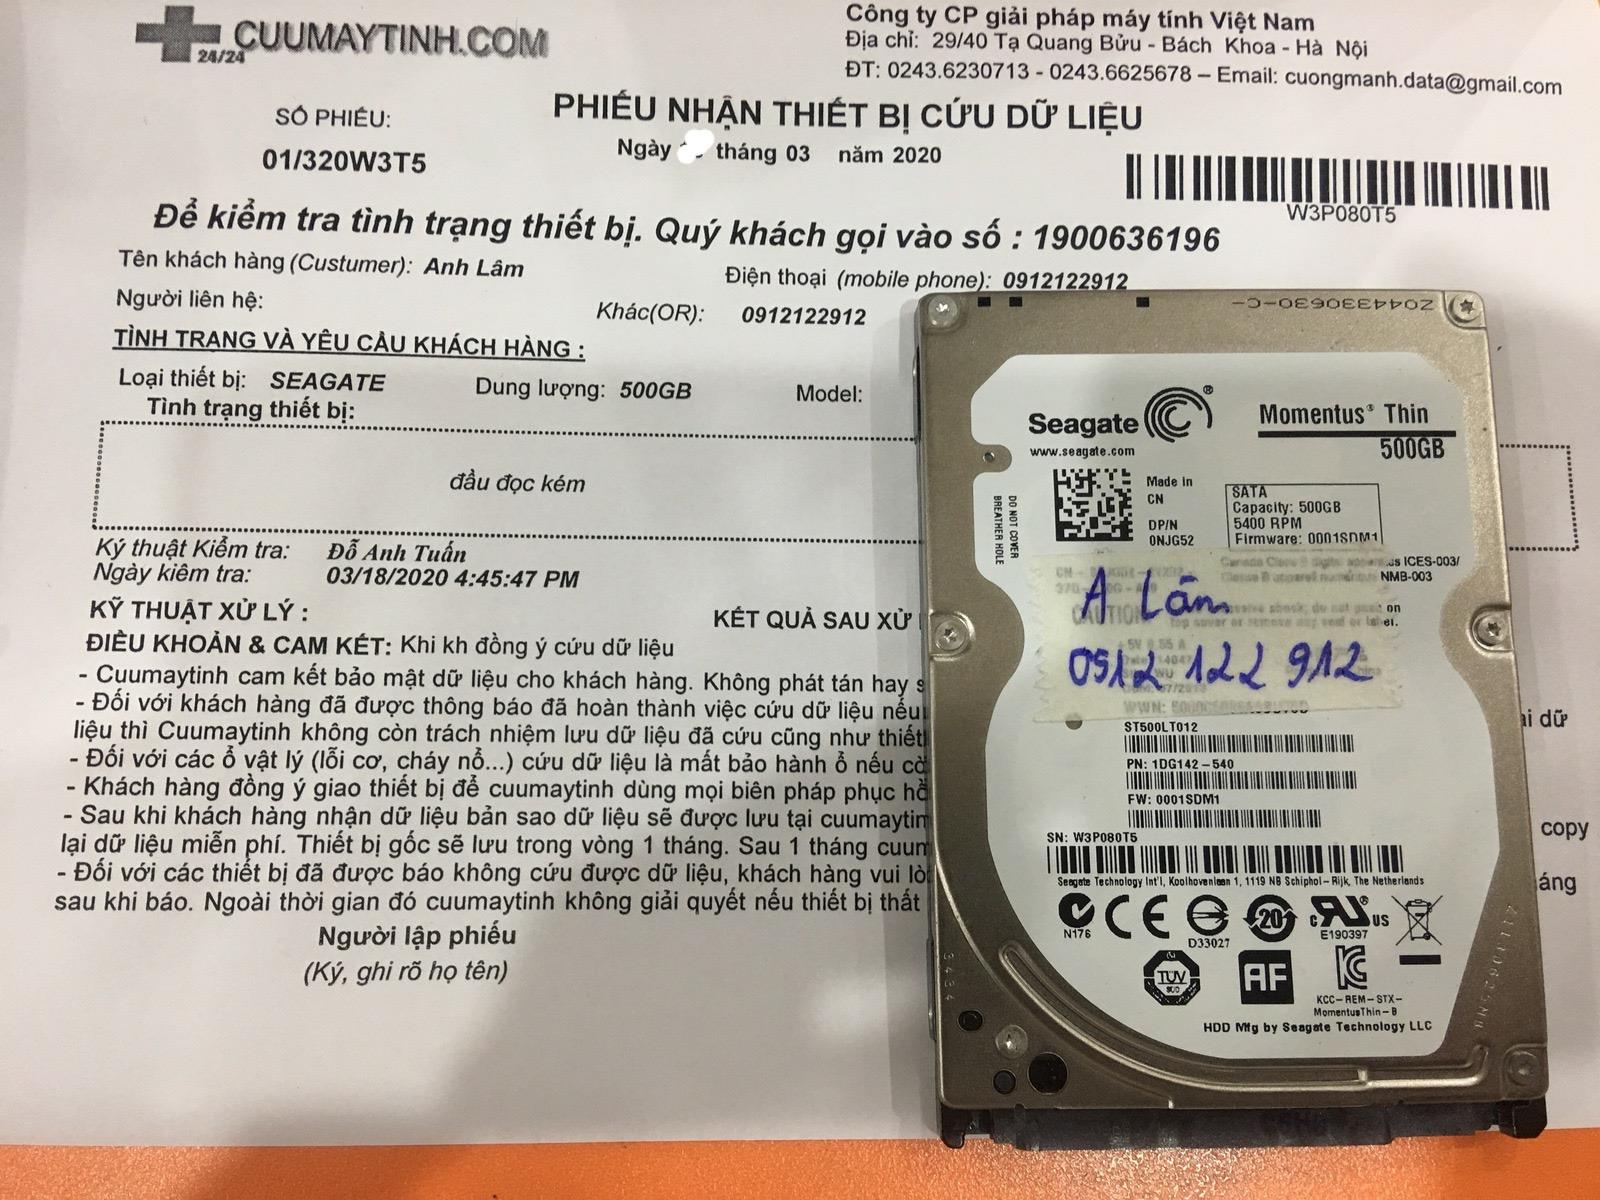 Cứu dữ liệu ổ cứng Seagate 500GB đầu đọc kém 25/03/2020 - cuumaytinh